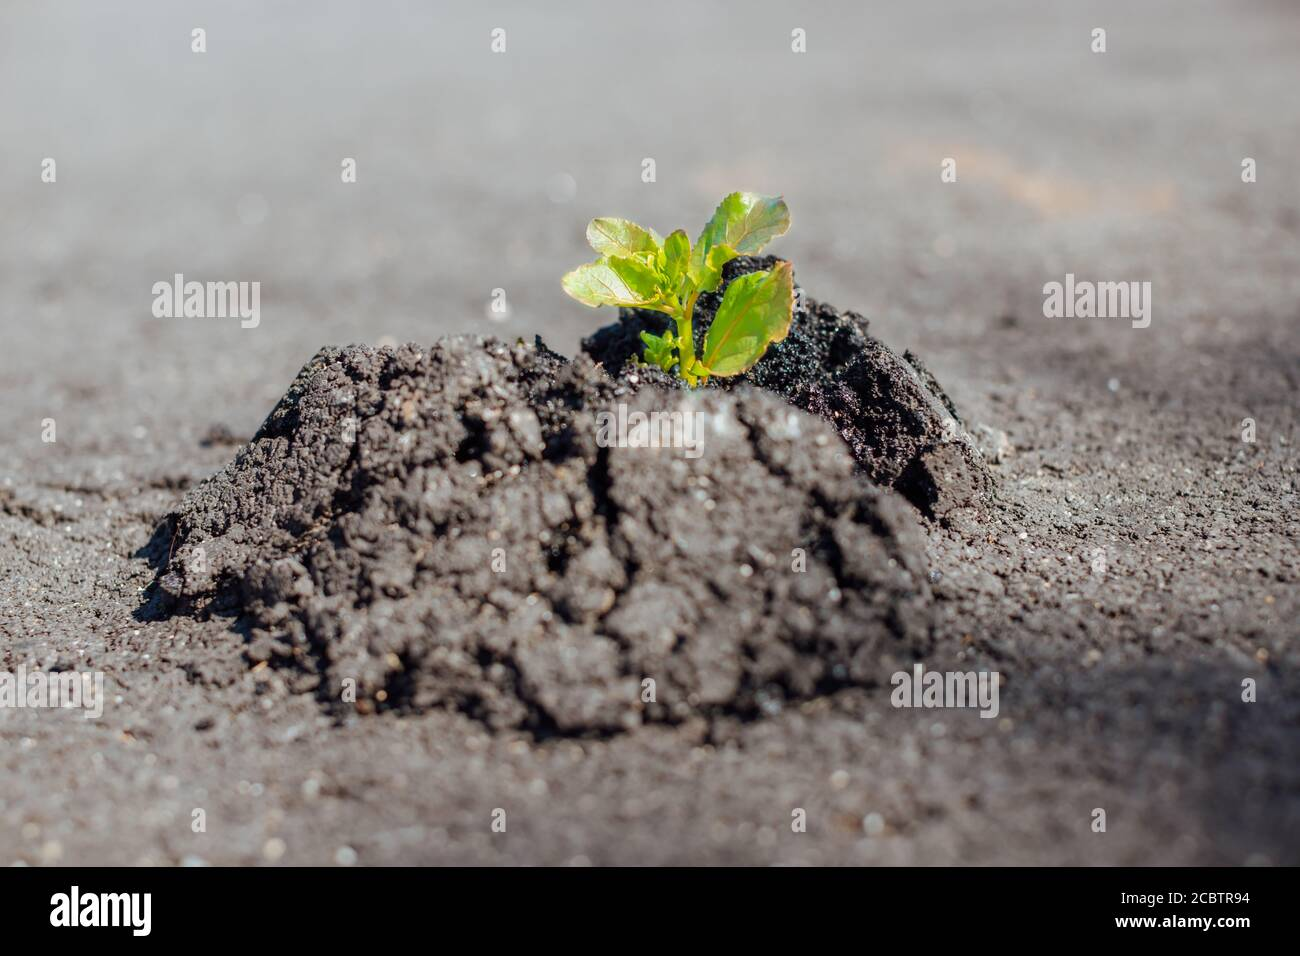 El primer plano de la planta verde hace el camino a través del hormigón y el asfalto, creciendo en la carretera - nueva vida, el poder de la naturaleza, romper las reglas, la puesta en marcha y fuera de t Foto de stock